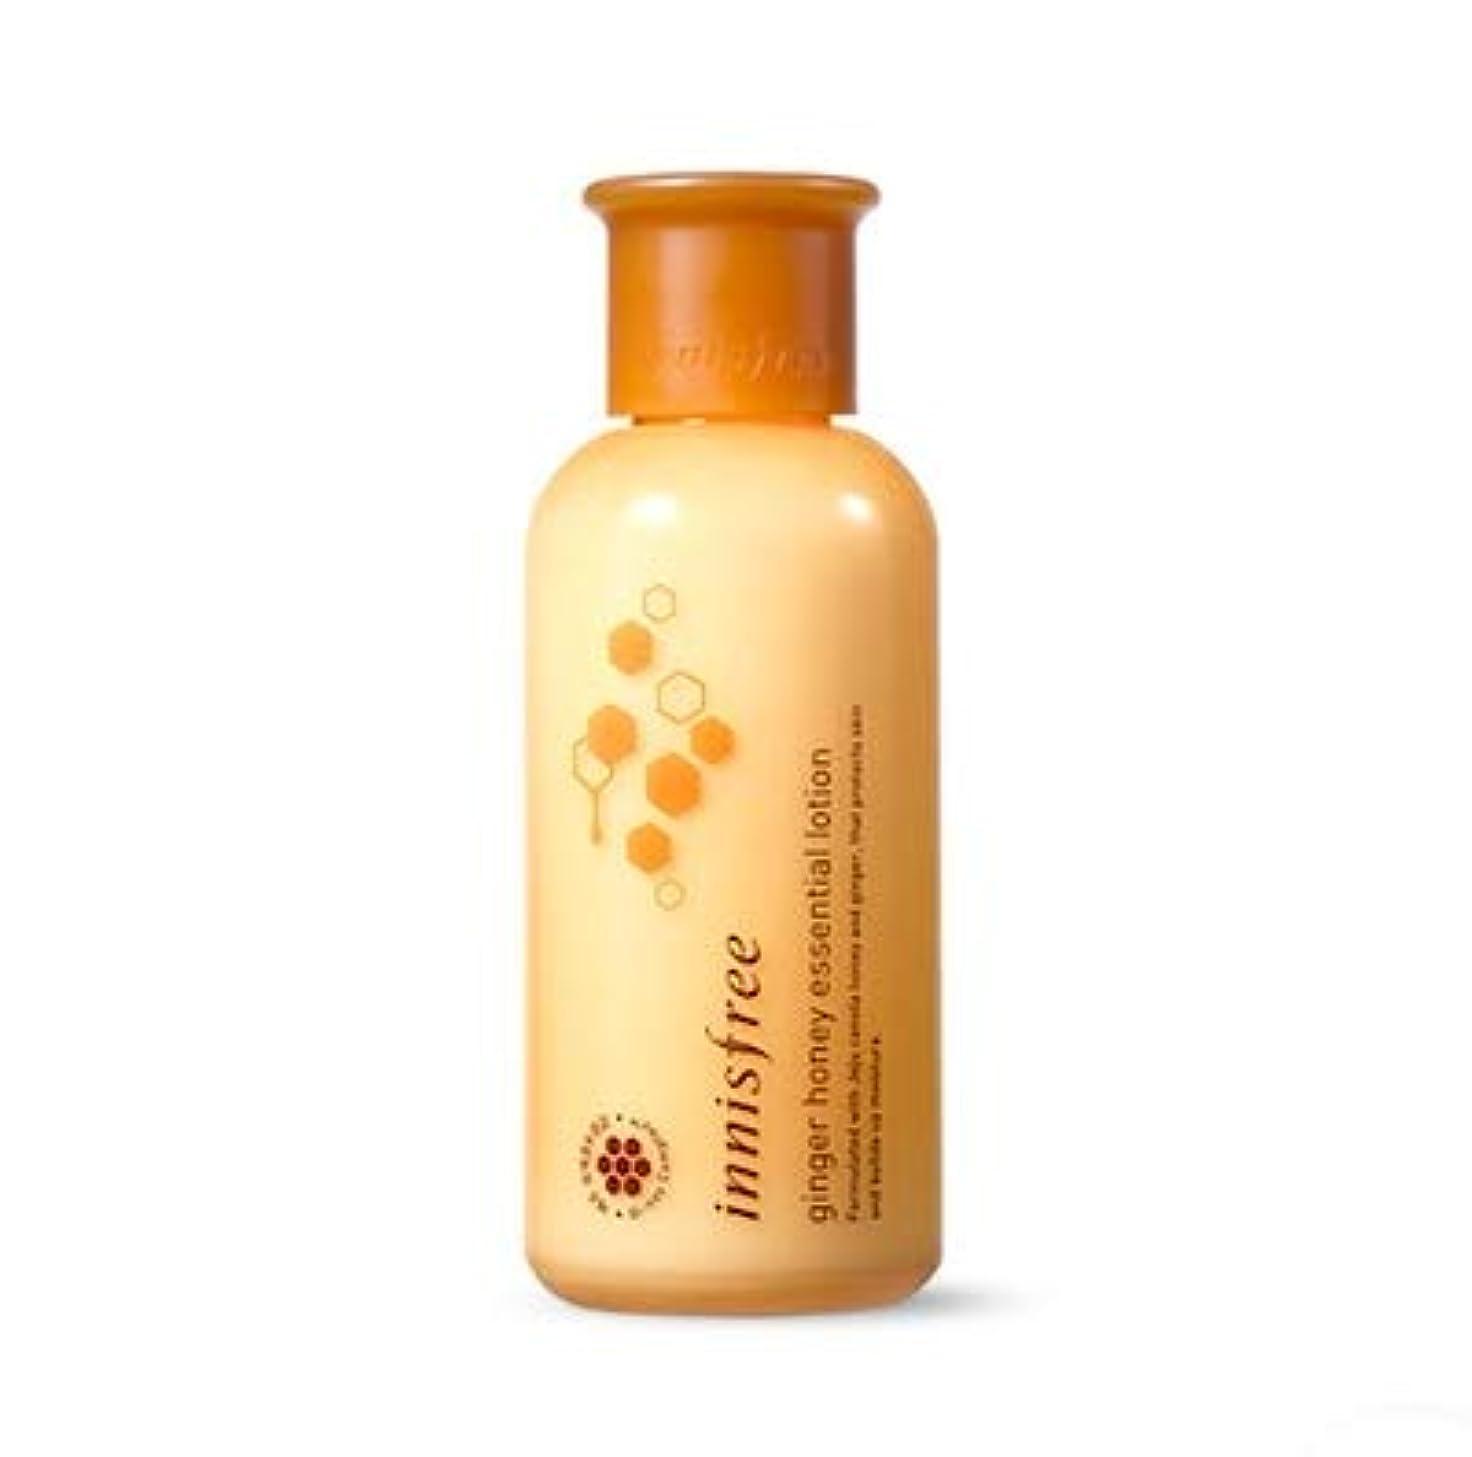 温帯信者論理的にINNISFREE Ginger Honey Essential Lotion イニスフリー ジンジャー ハニー エッセンシャル ローション 160ml [並行輸入品]